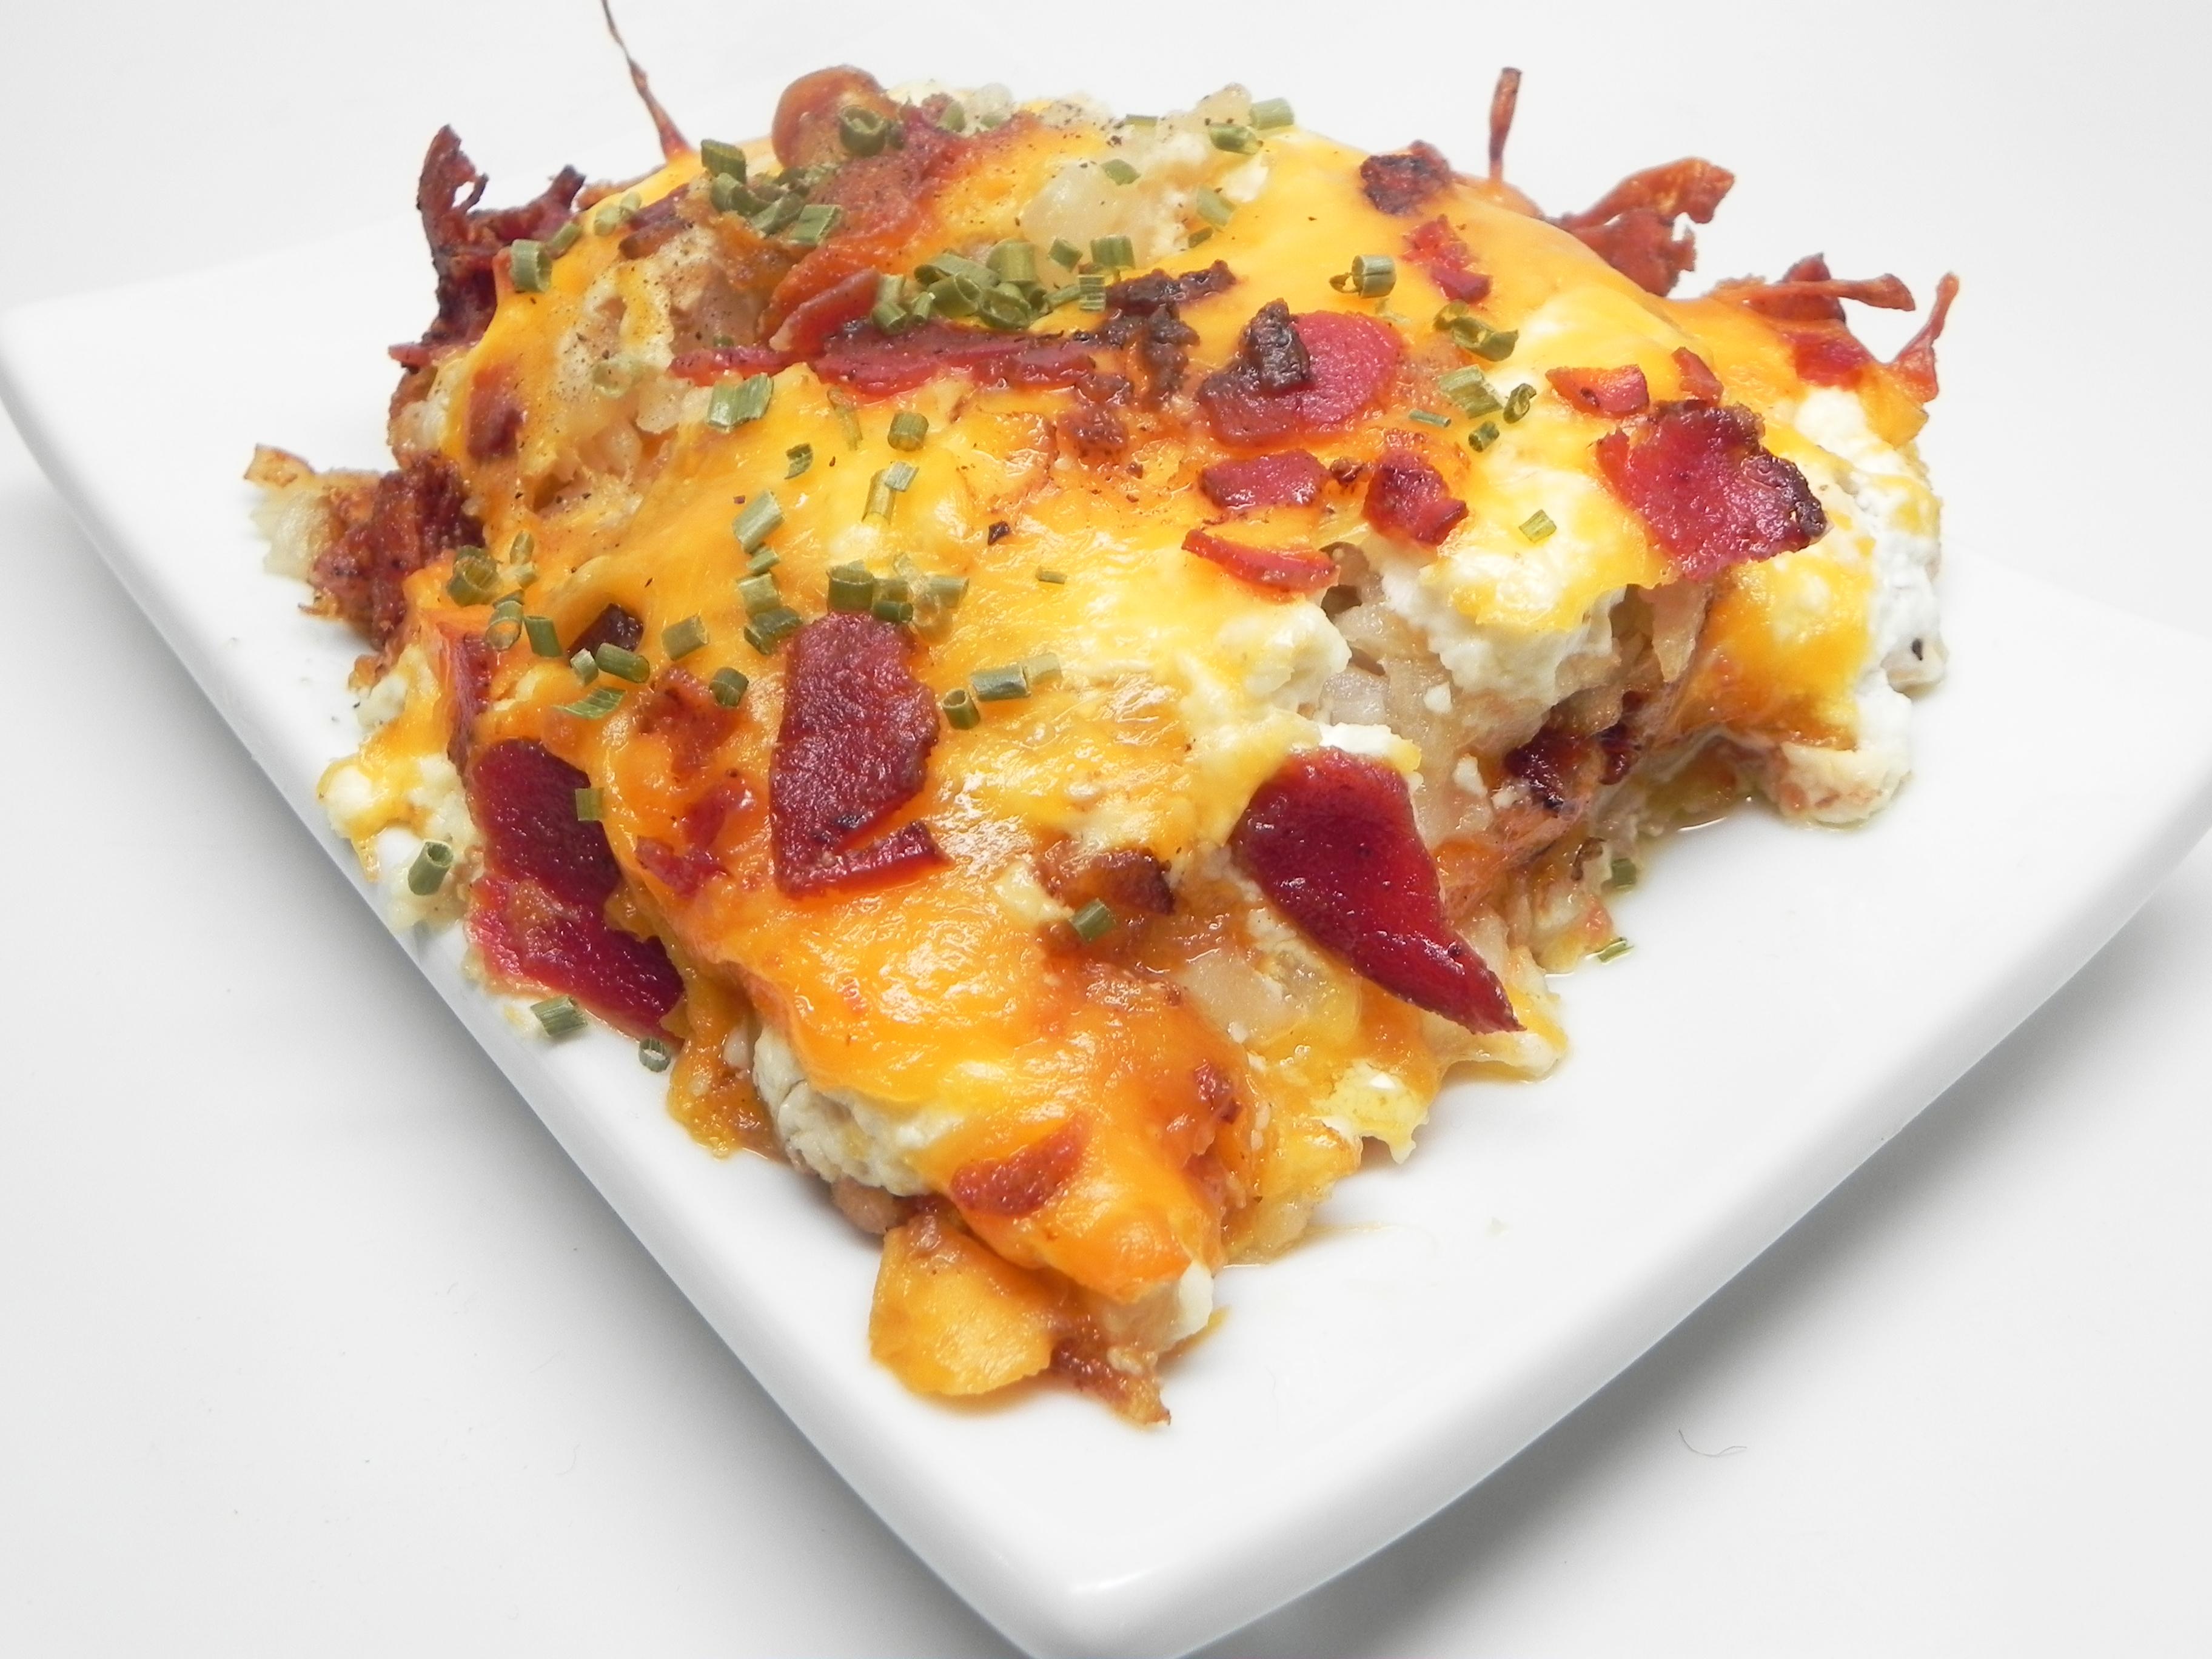 Loaded Hash Brown Potato Casserole